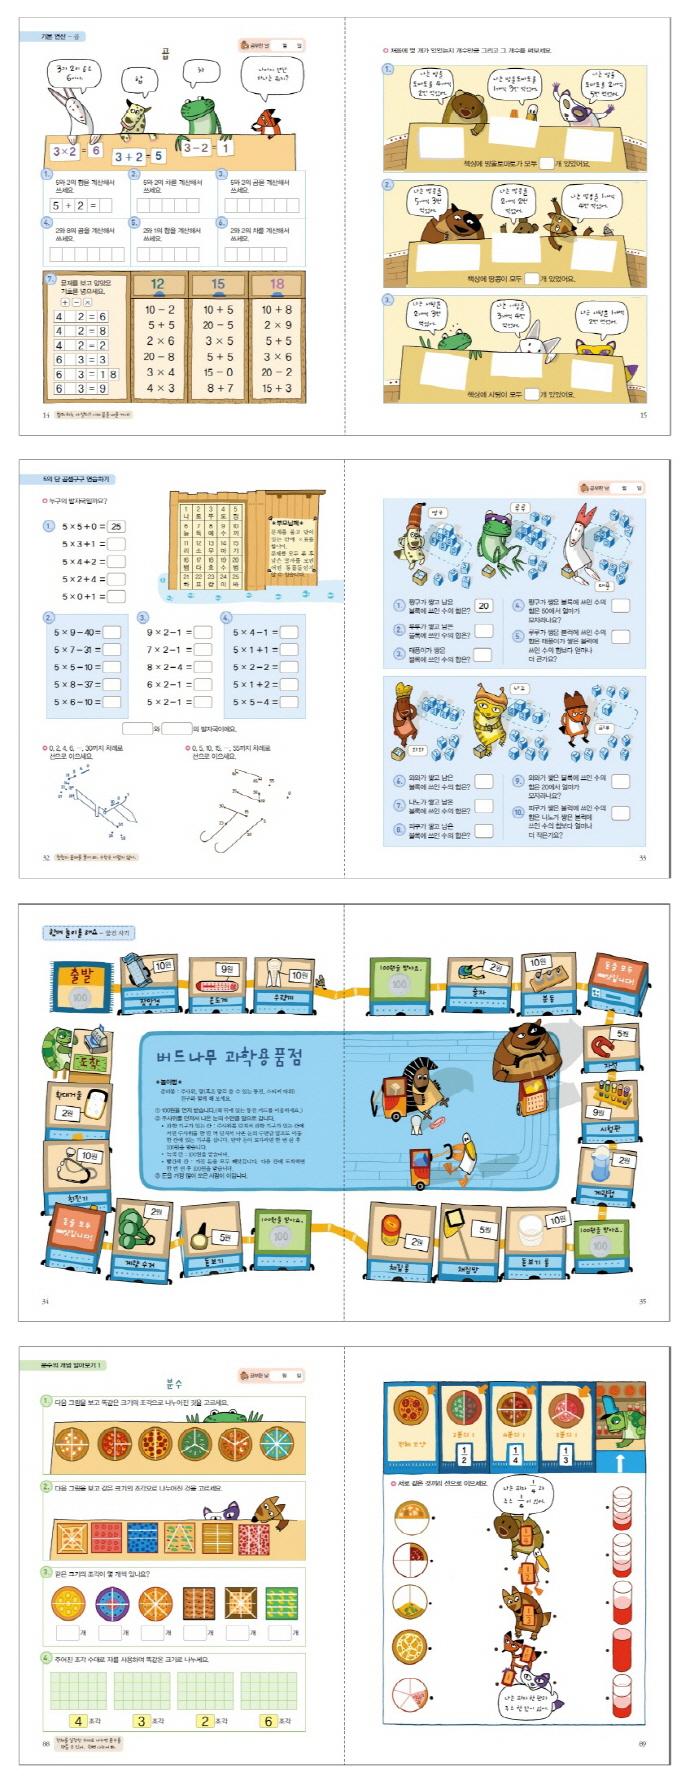 핀란드 초등 수학 교과서와 함께 떠나는 수학 여행. 4: 핀란드식 곱셈 나눗셈 분수를 익히다 도서 상세이미지